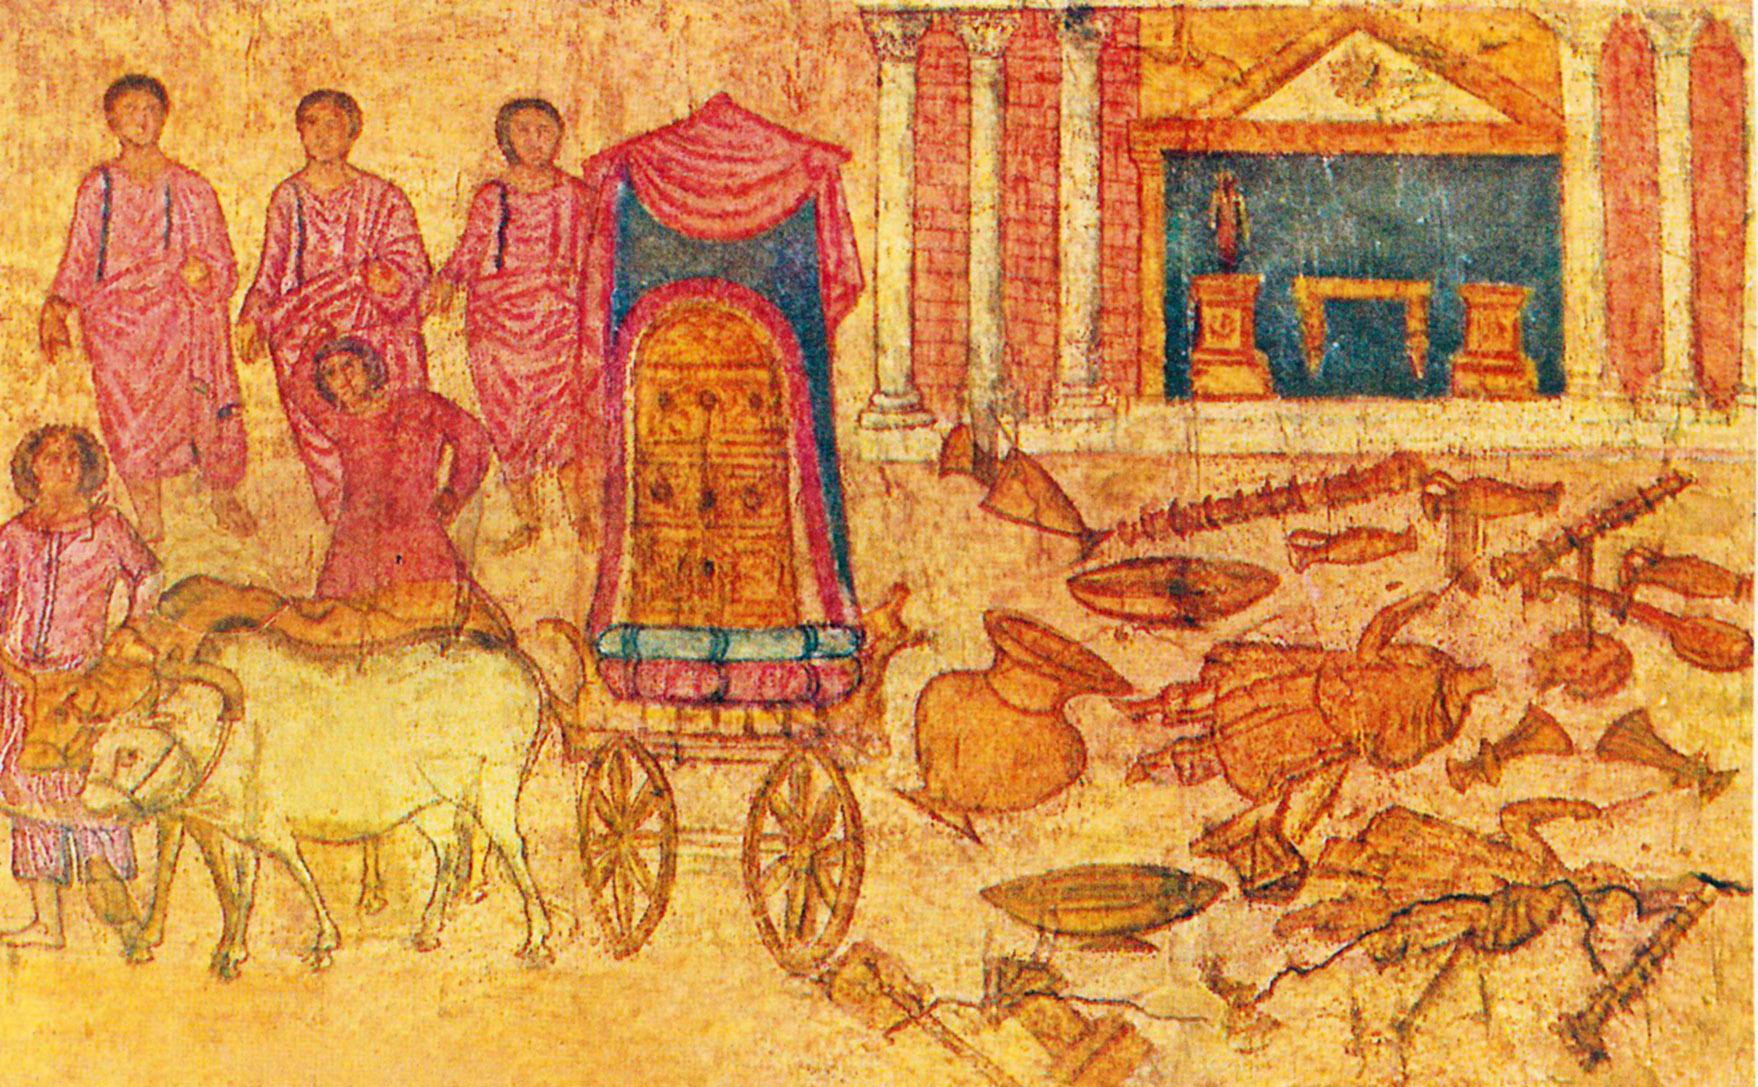 Захваченный фиистимлянами Ковчег завета в храме Дагона. Фреска синагоги Дура-Европос (Сирия)